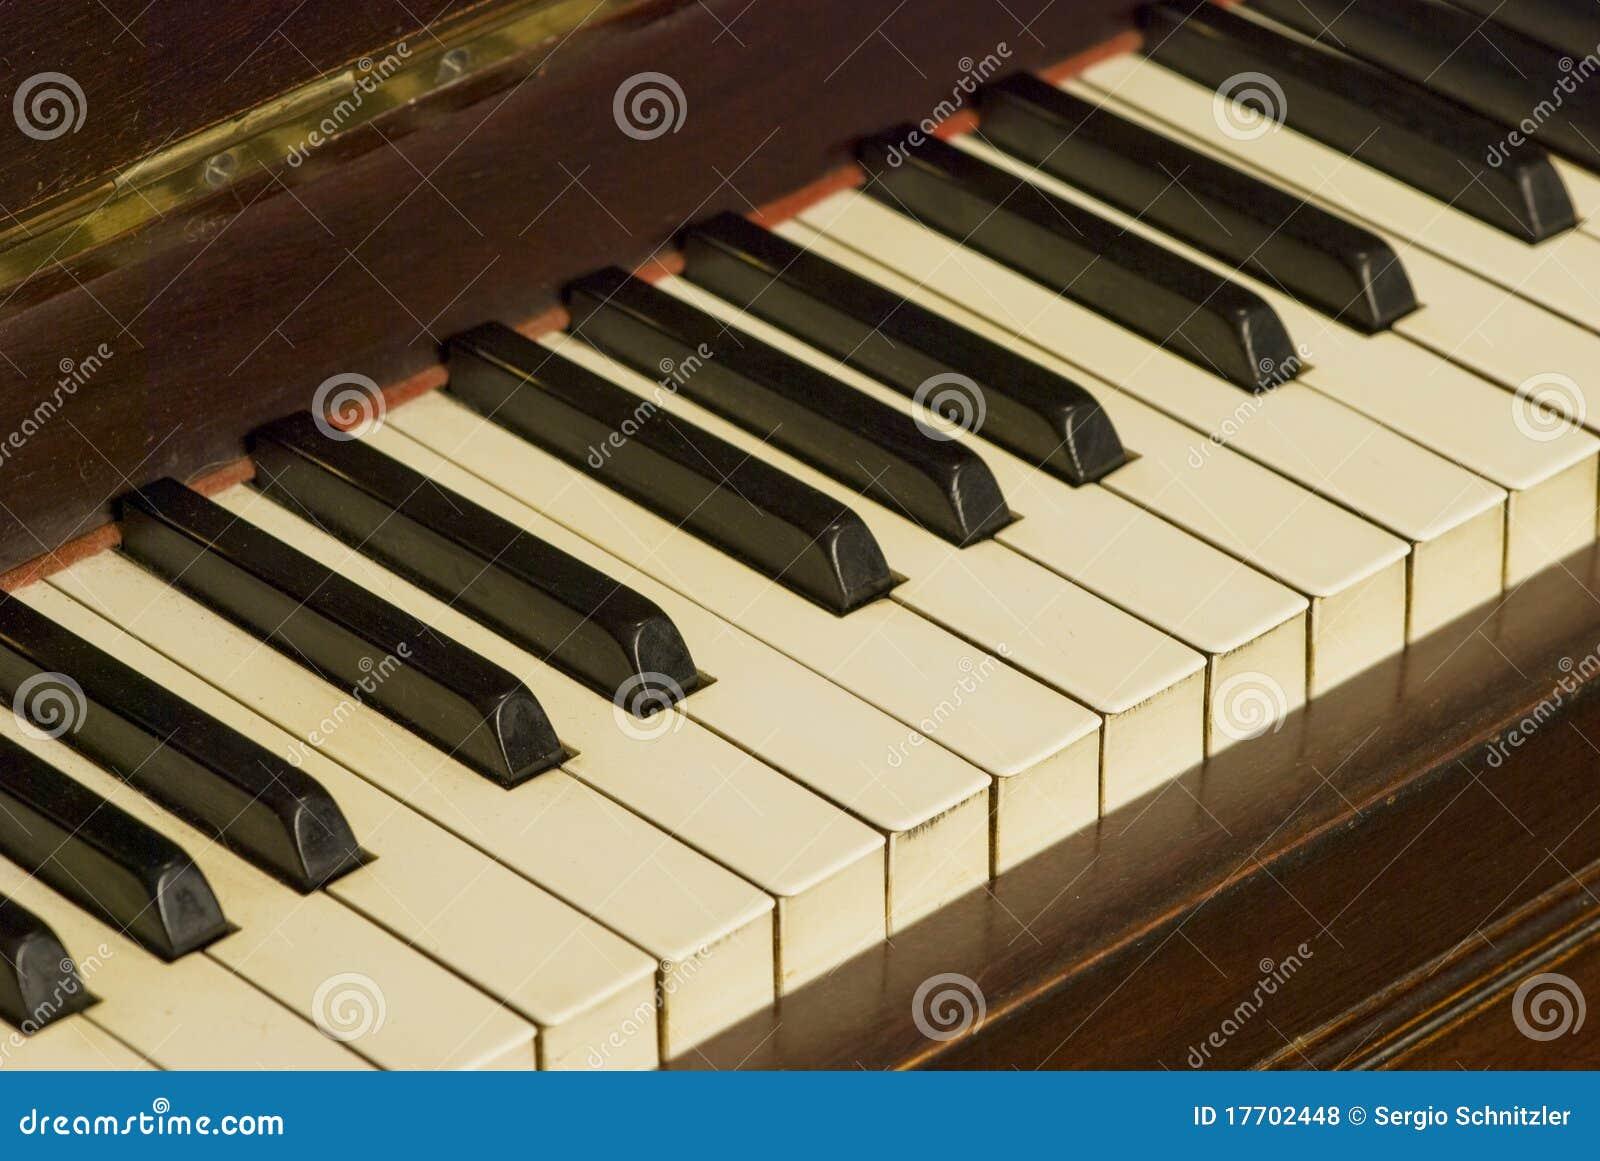 Vieja opinión de la inclinación del teclado de piano